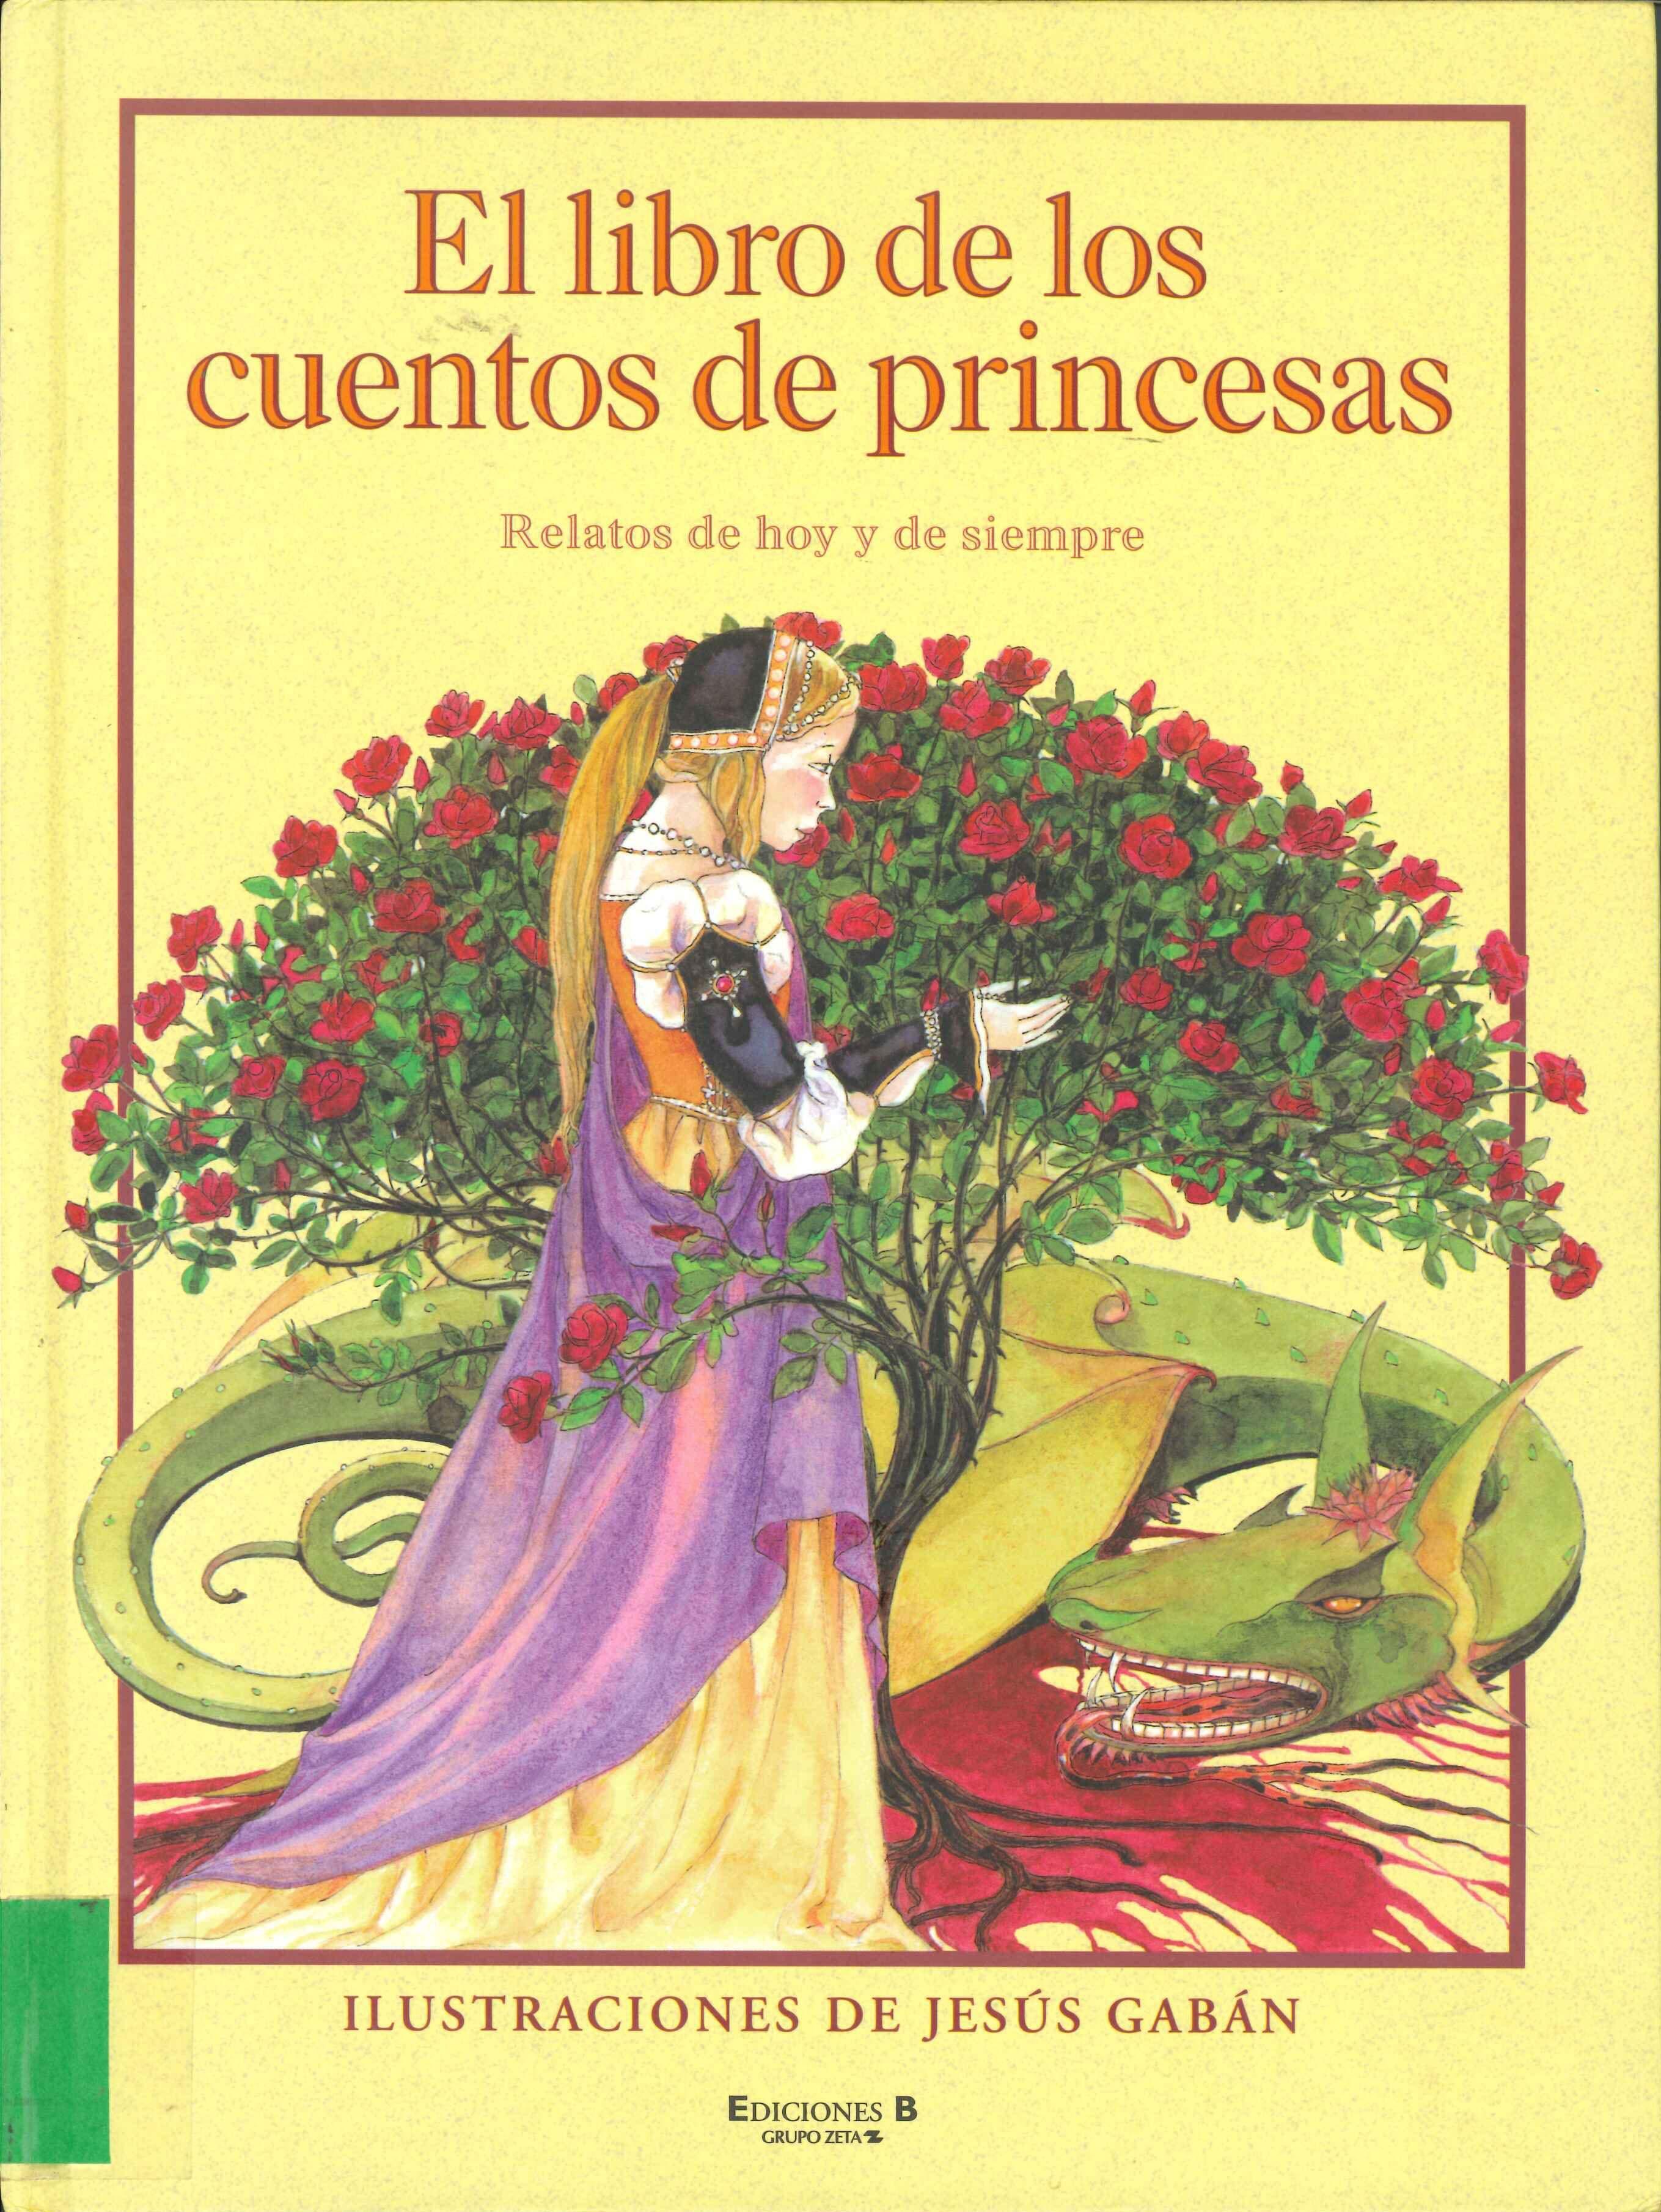 Absysnet Opac Red De Bibliotecas De Aragón Ilustraciones Cuentos Princesas